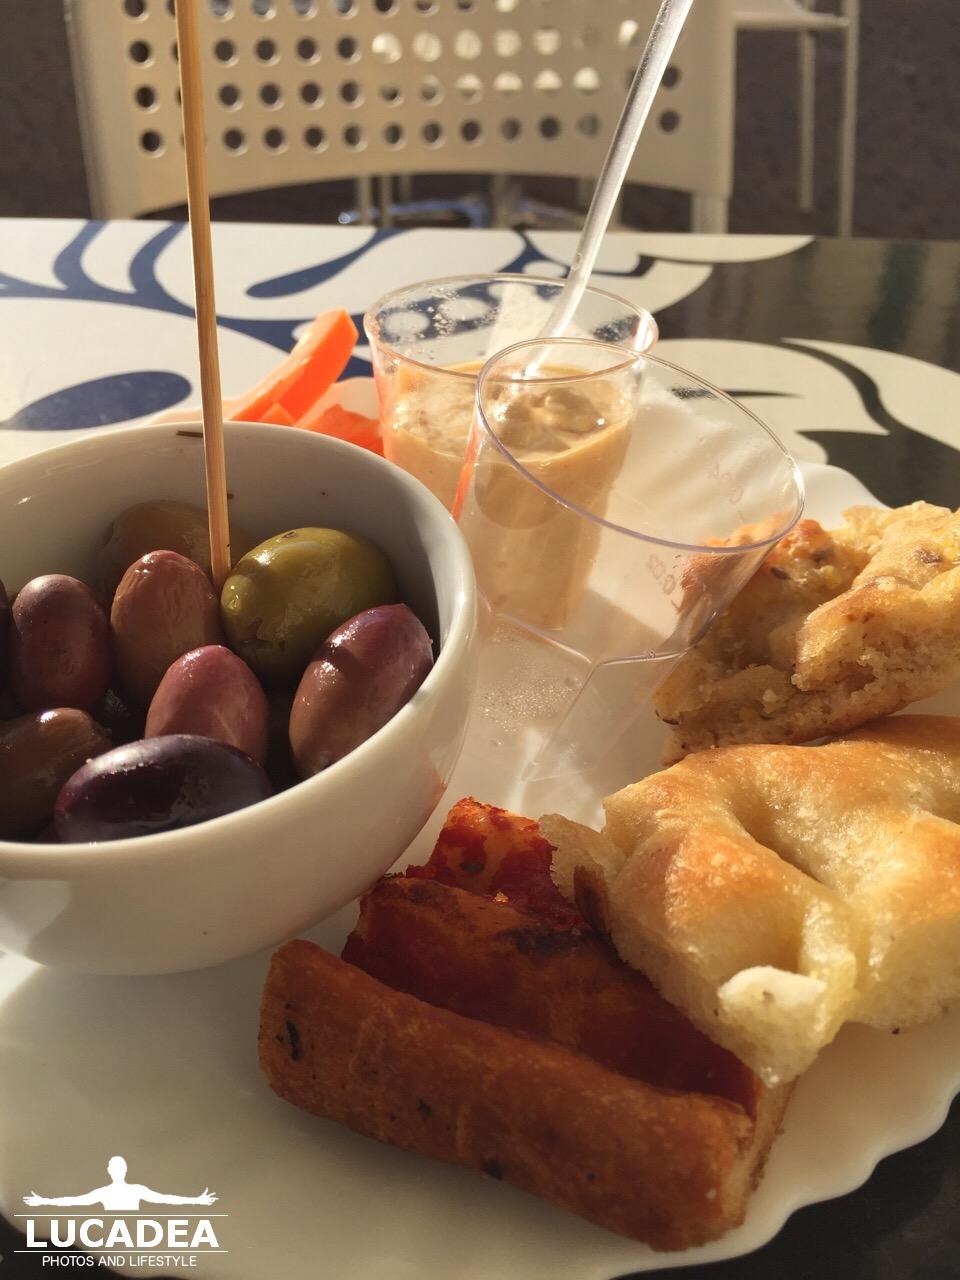 Aperitivo in Liguria, olive e focaccia sono un must (foto)